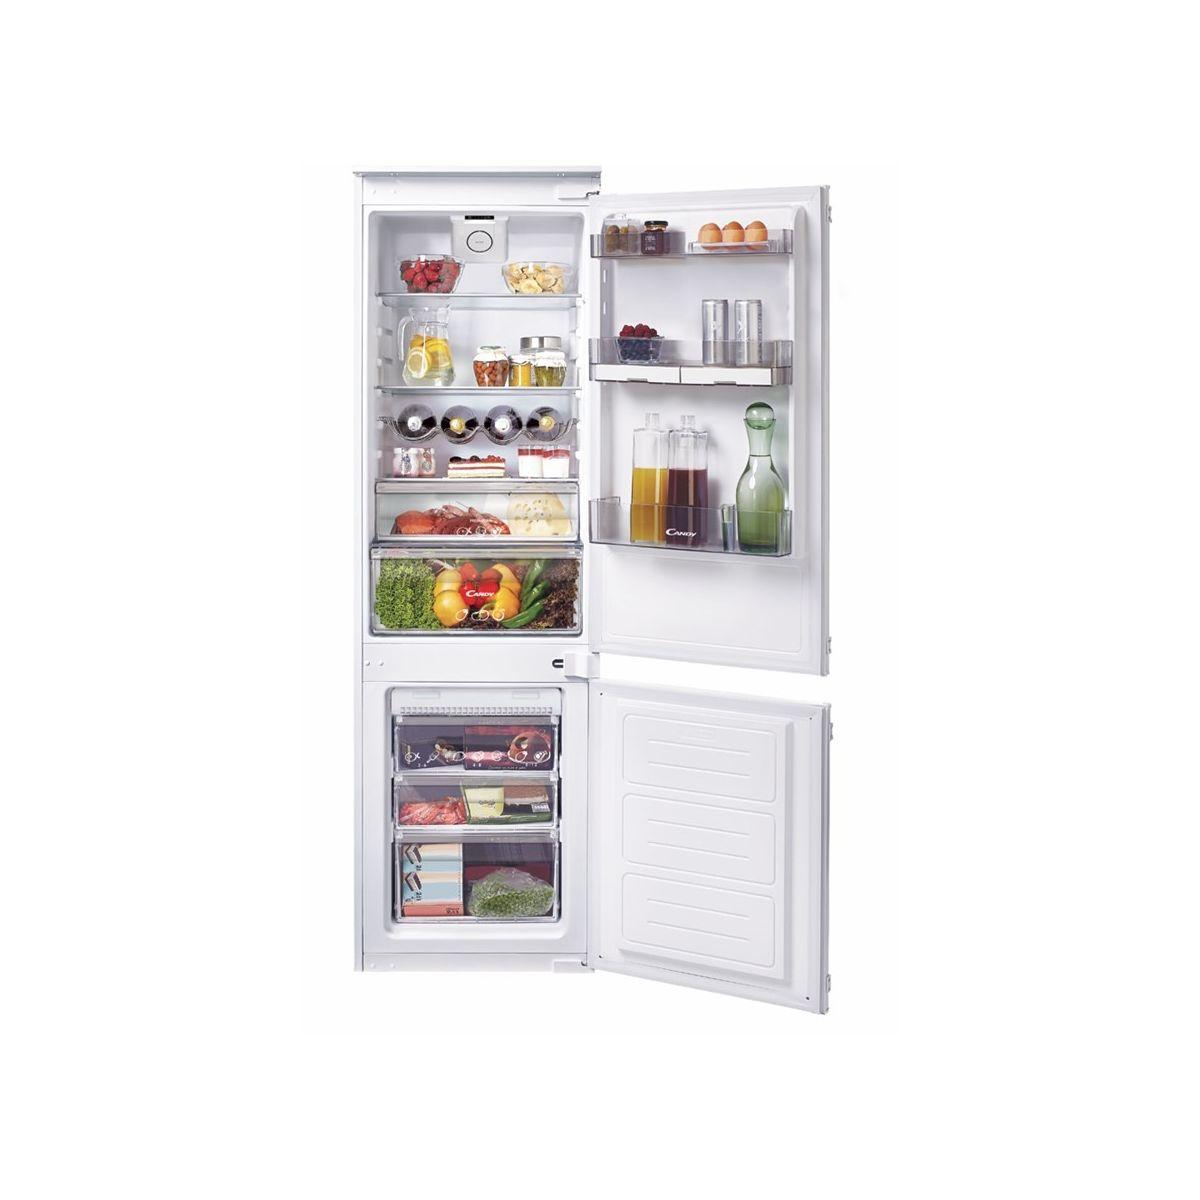 Réfrigérateur combiné encastrable CANDY BCBF172N